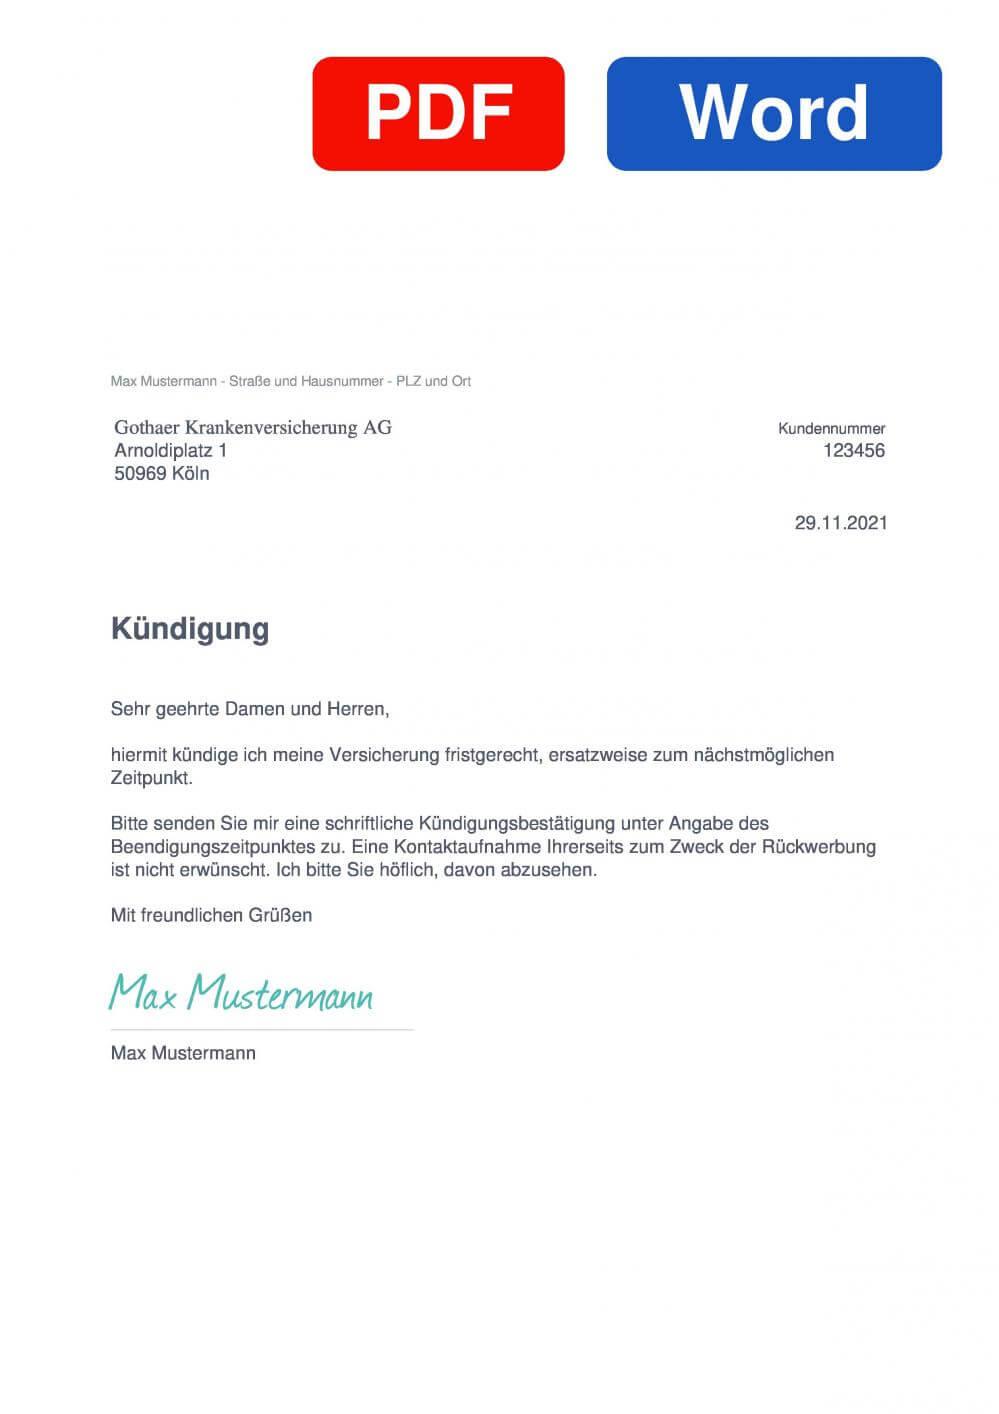 Gothaer Krankenversicherung Muster Vorlage für Kündigungsschreiben